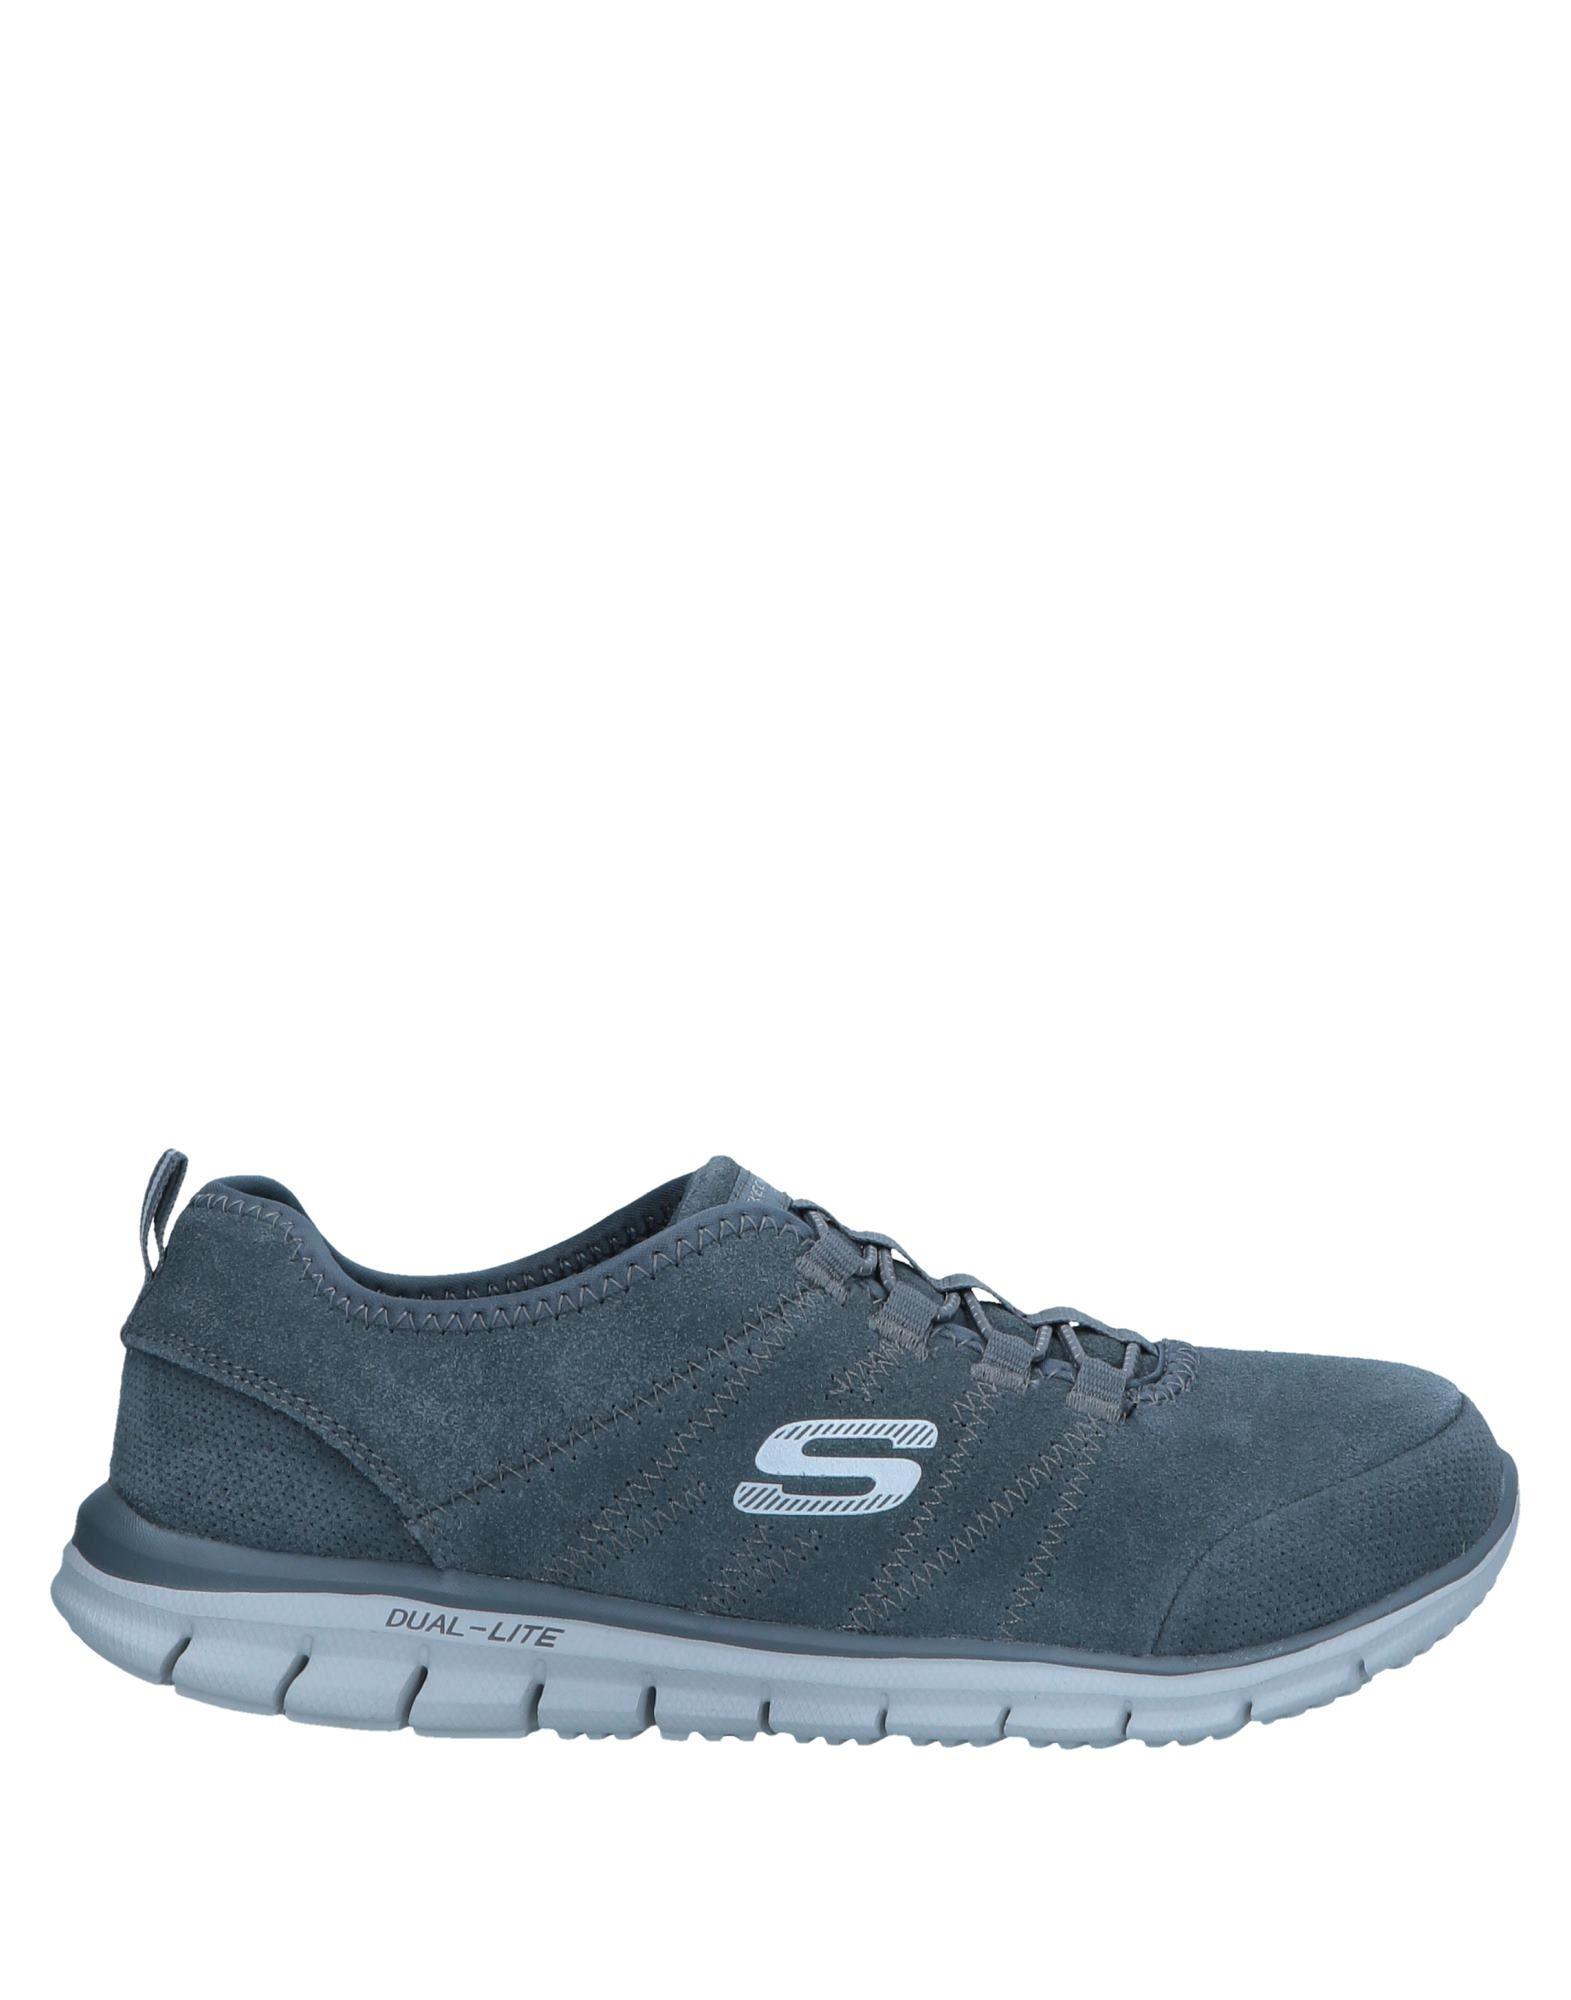 Scarpe Ginnastica da Ginnastica Scarpe Skechers Donna - 11553854KM 8e61c4